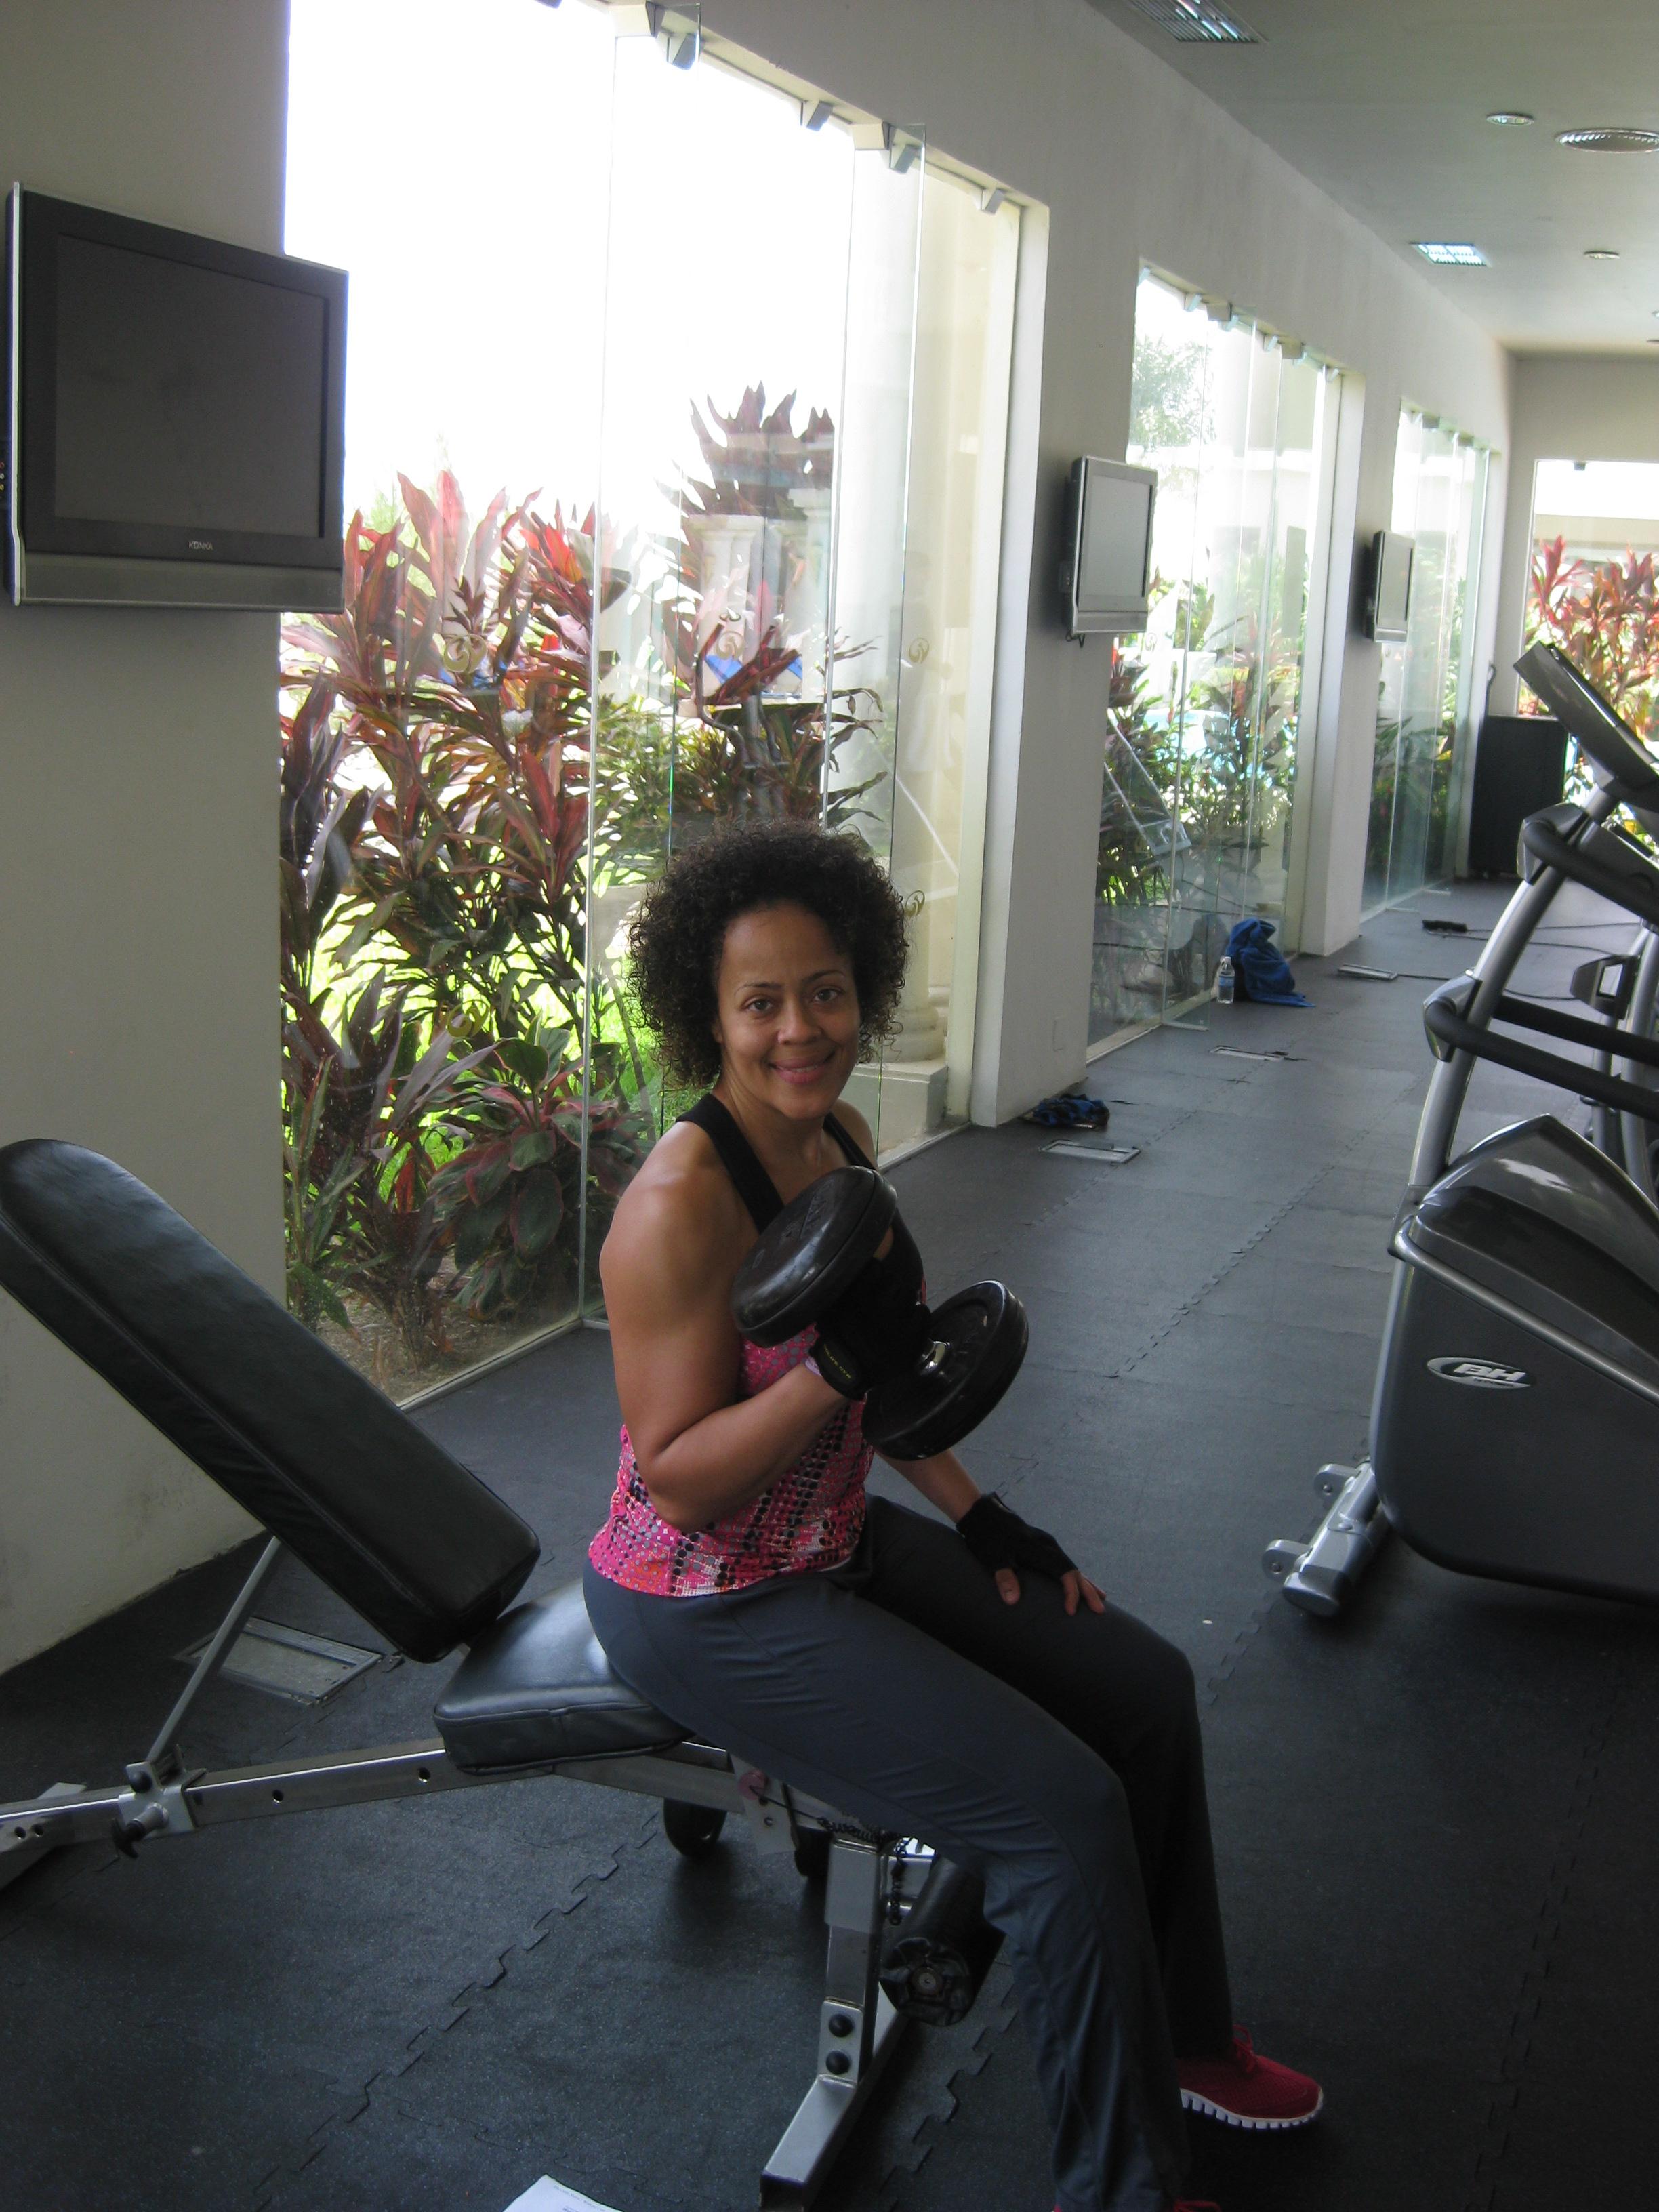 Kickstart Workout plan: BURN